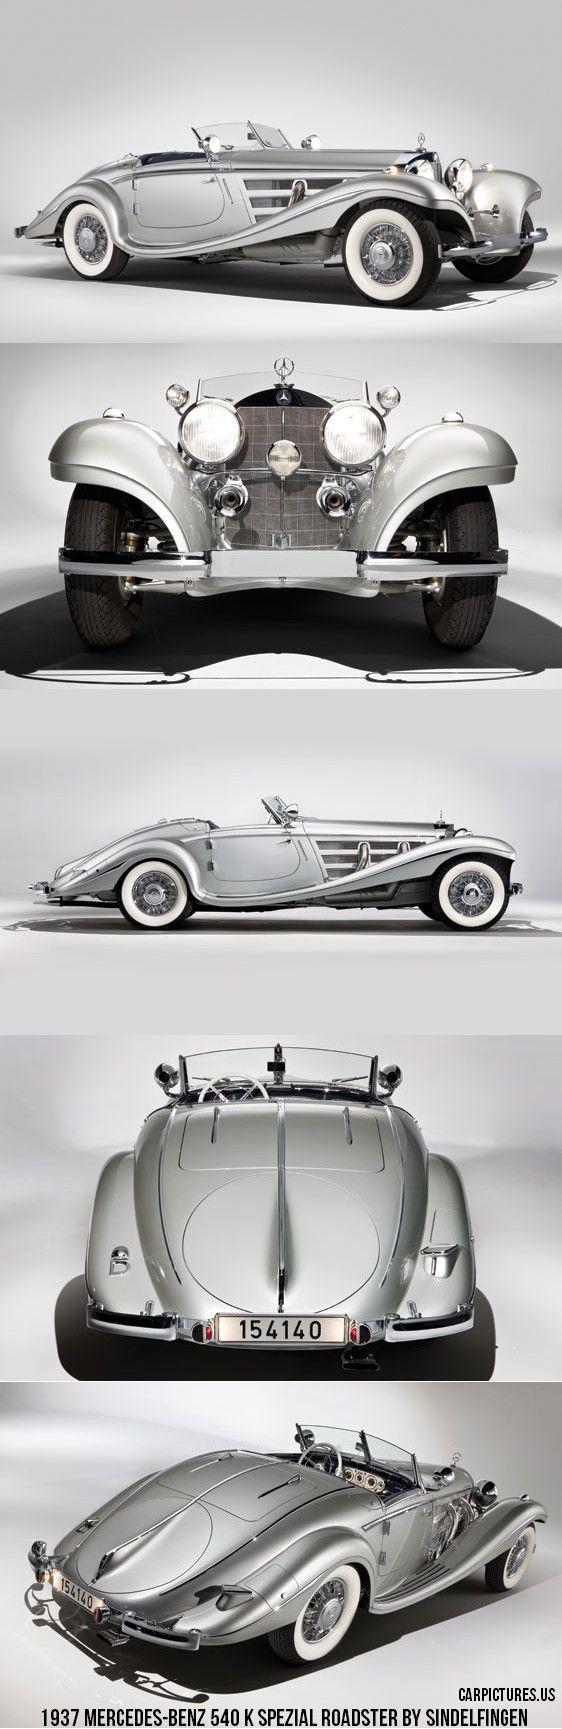 1937 Mercedes-Benz 540 K Spezial Roadster by Sindelfingen... Yes please!